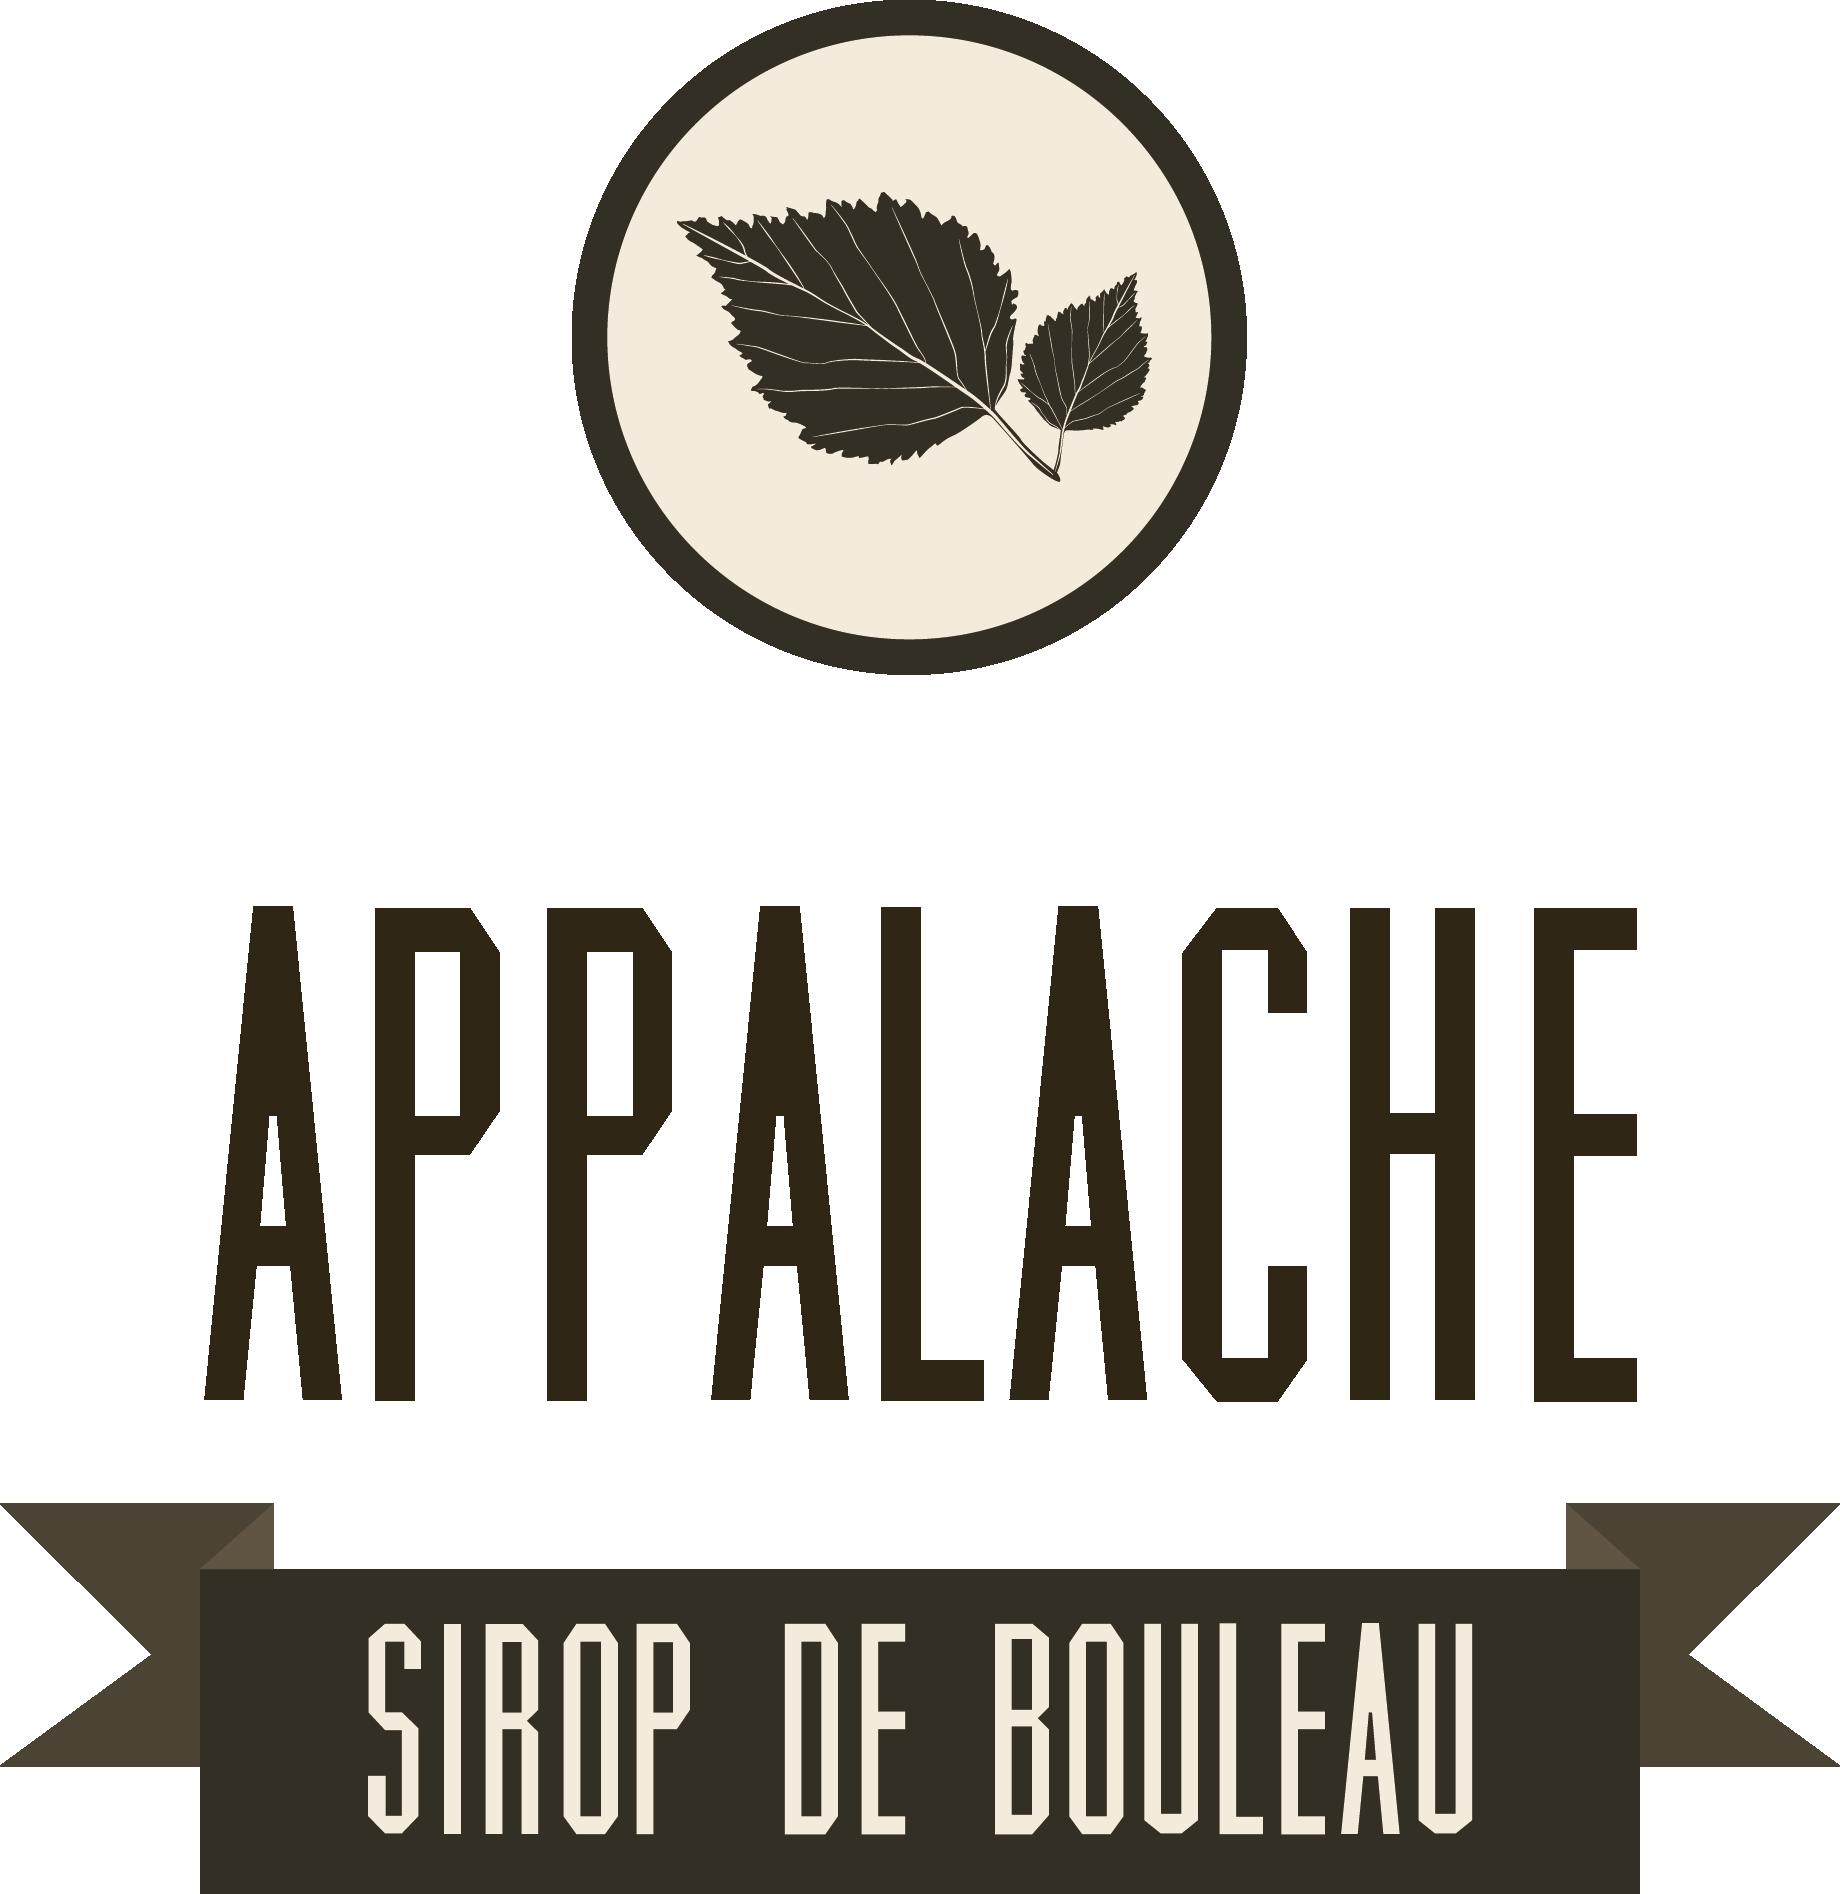 Appalache